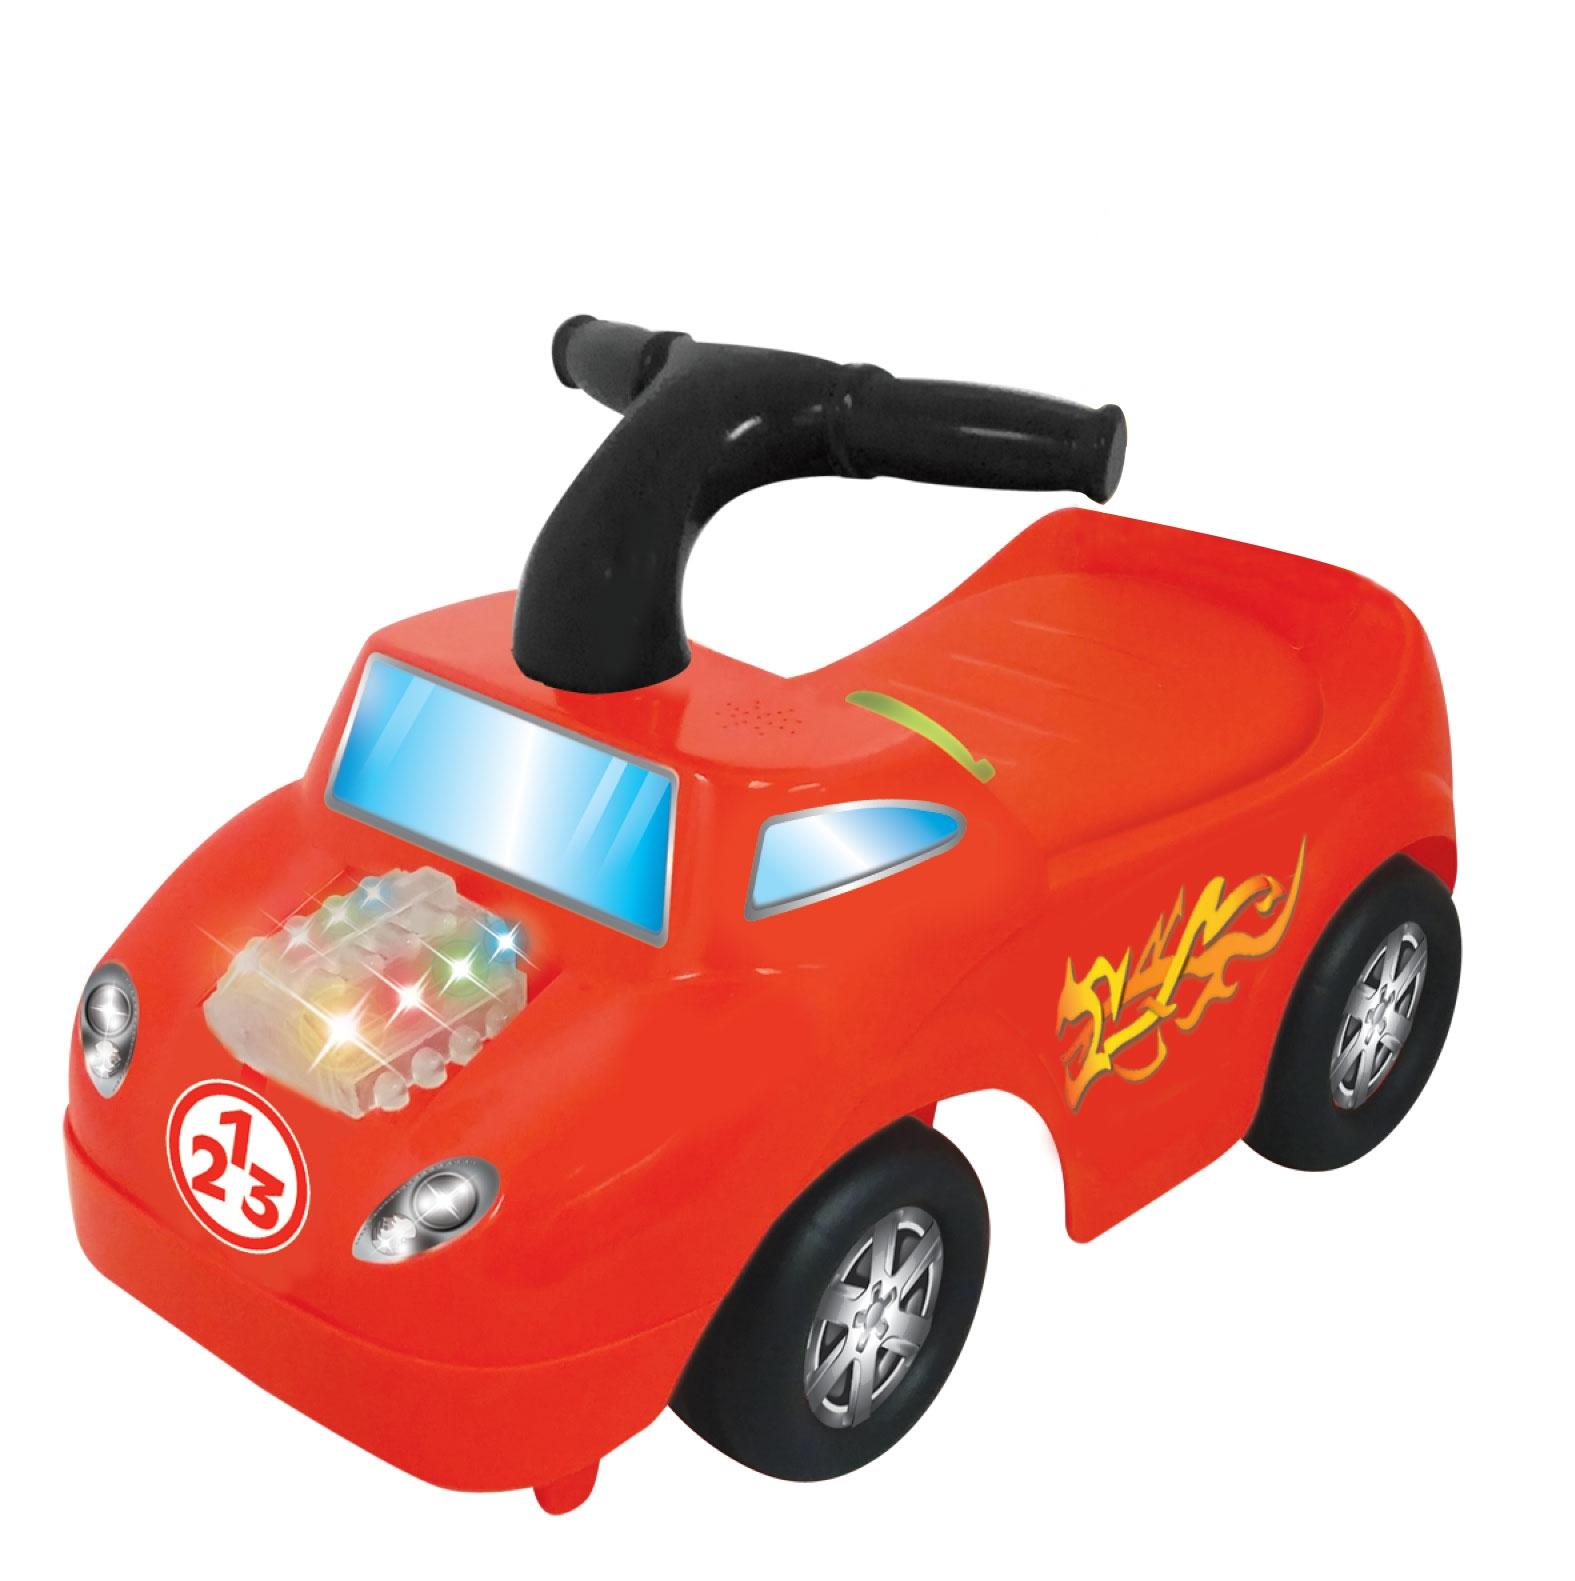 Машинки-каталки и ходунки KIDDIELAND Каталка-пушкар Kiddieland «Маленький гонщик» со светом и звуком tiptop спиннер экзотика клевер цвет радужный